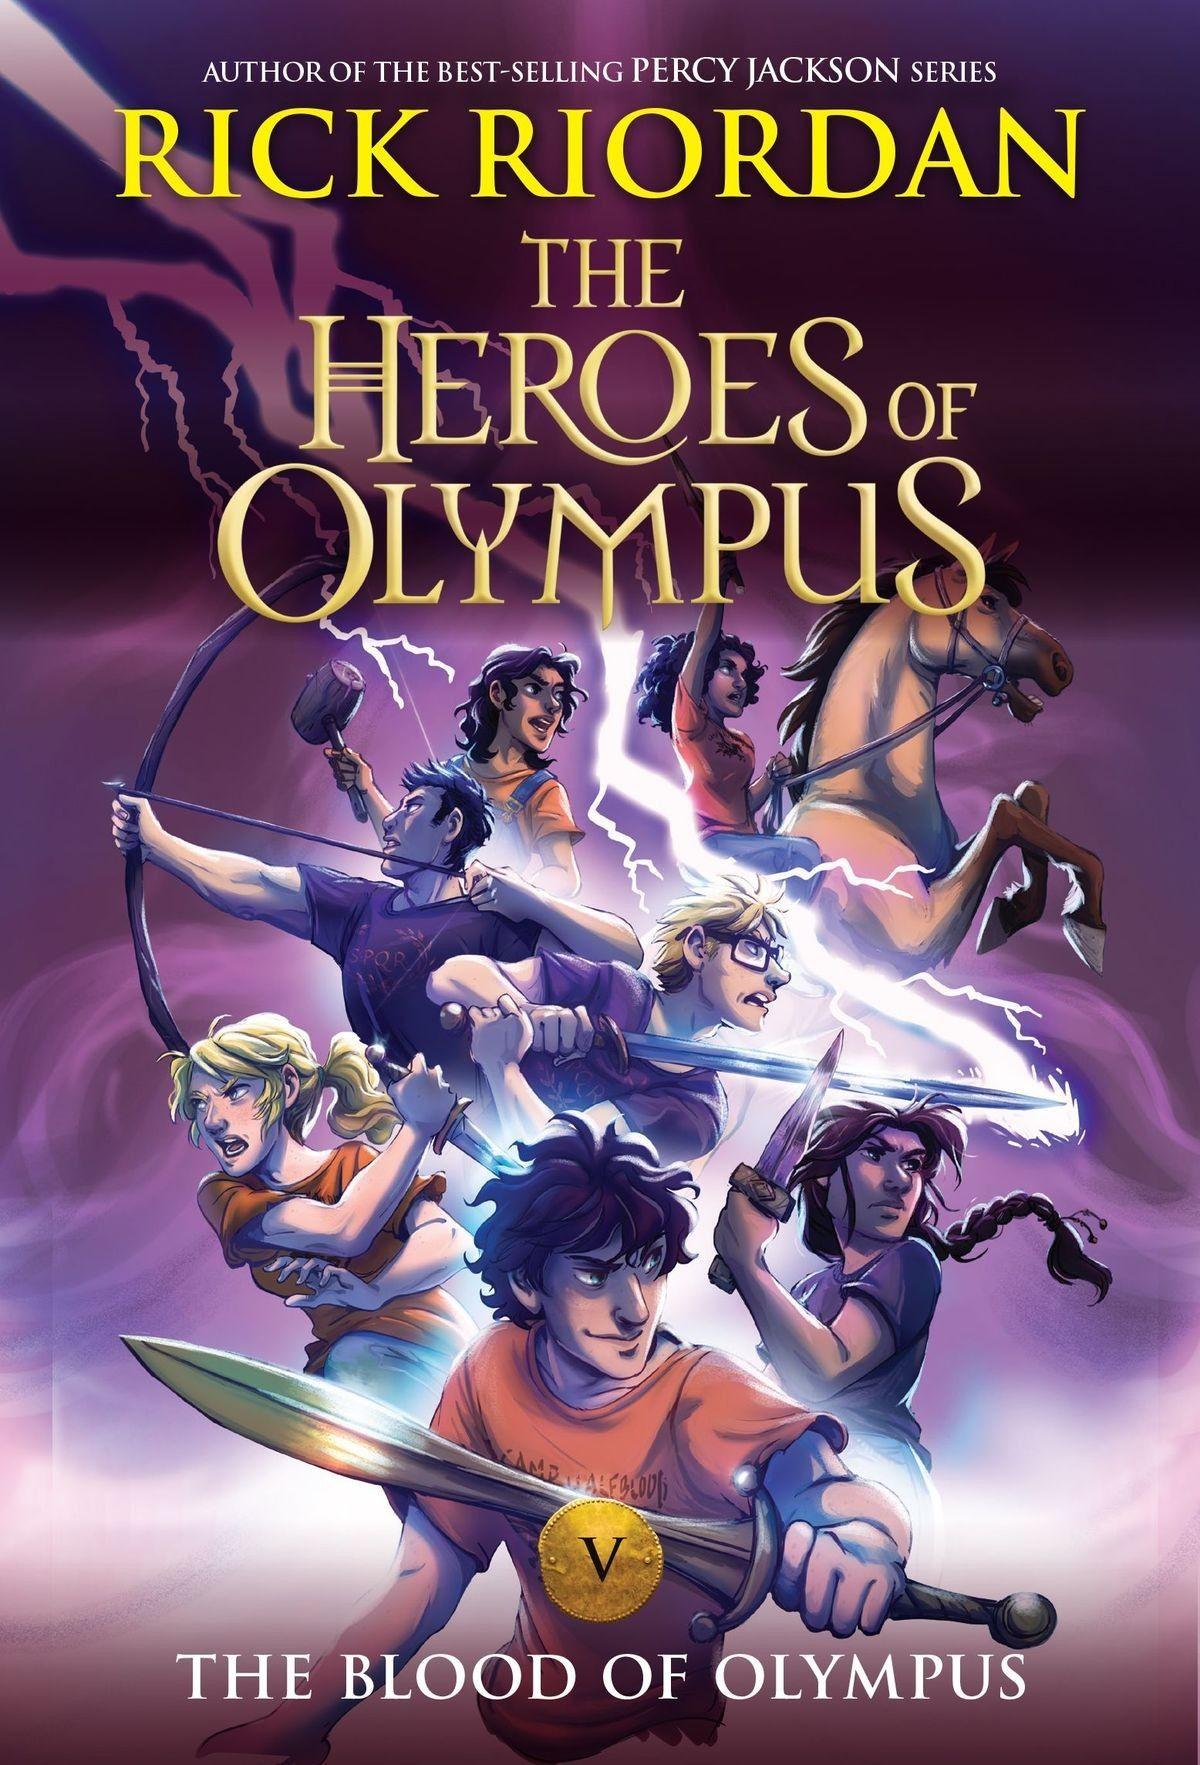 Heroes of olympus series by rick riordan receives